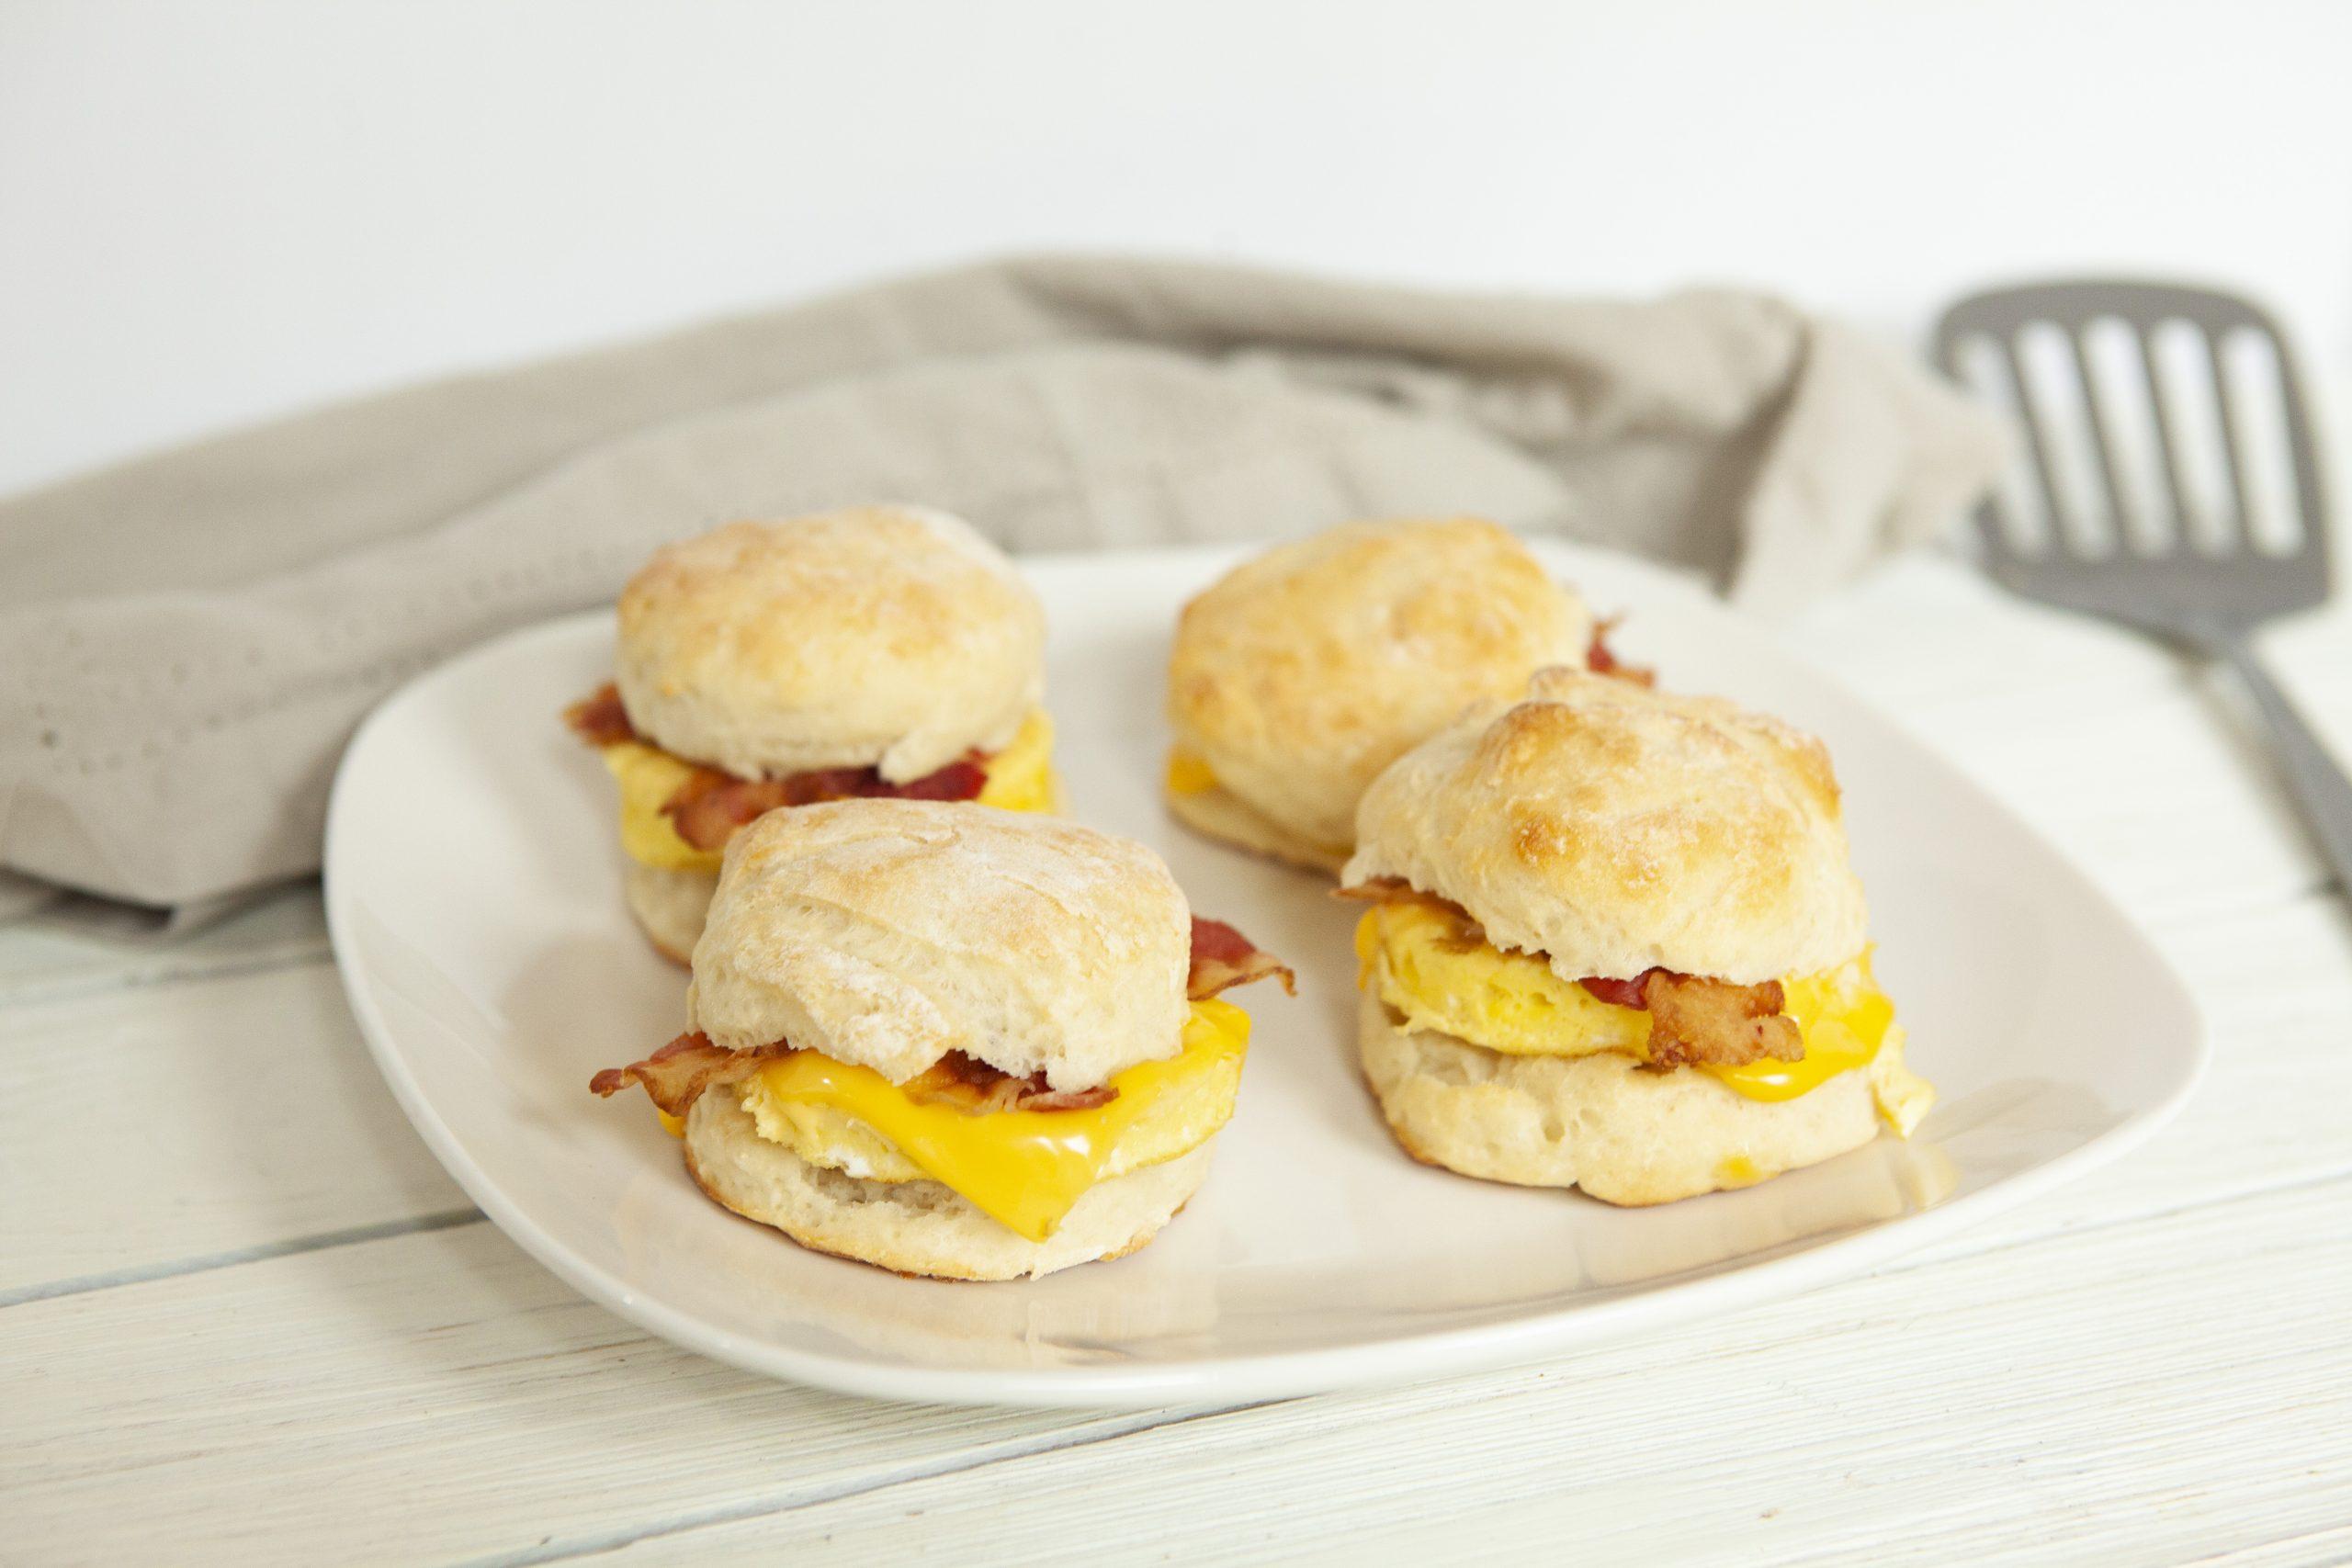 Weight Watchers Breakfast Sandwiches